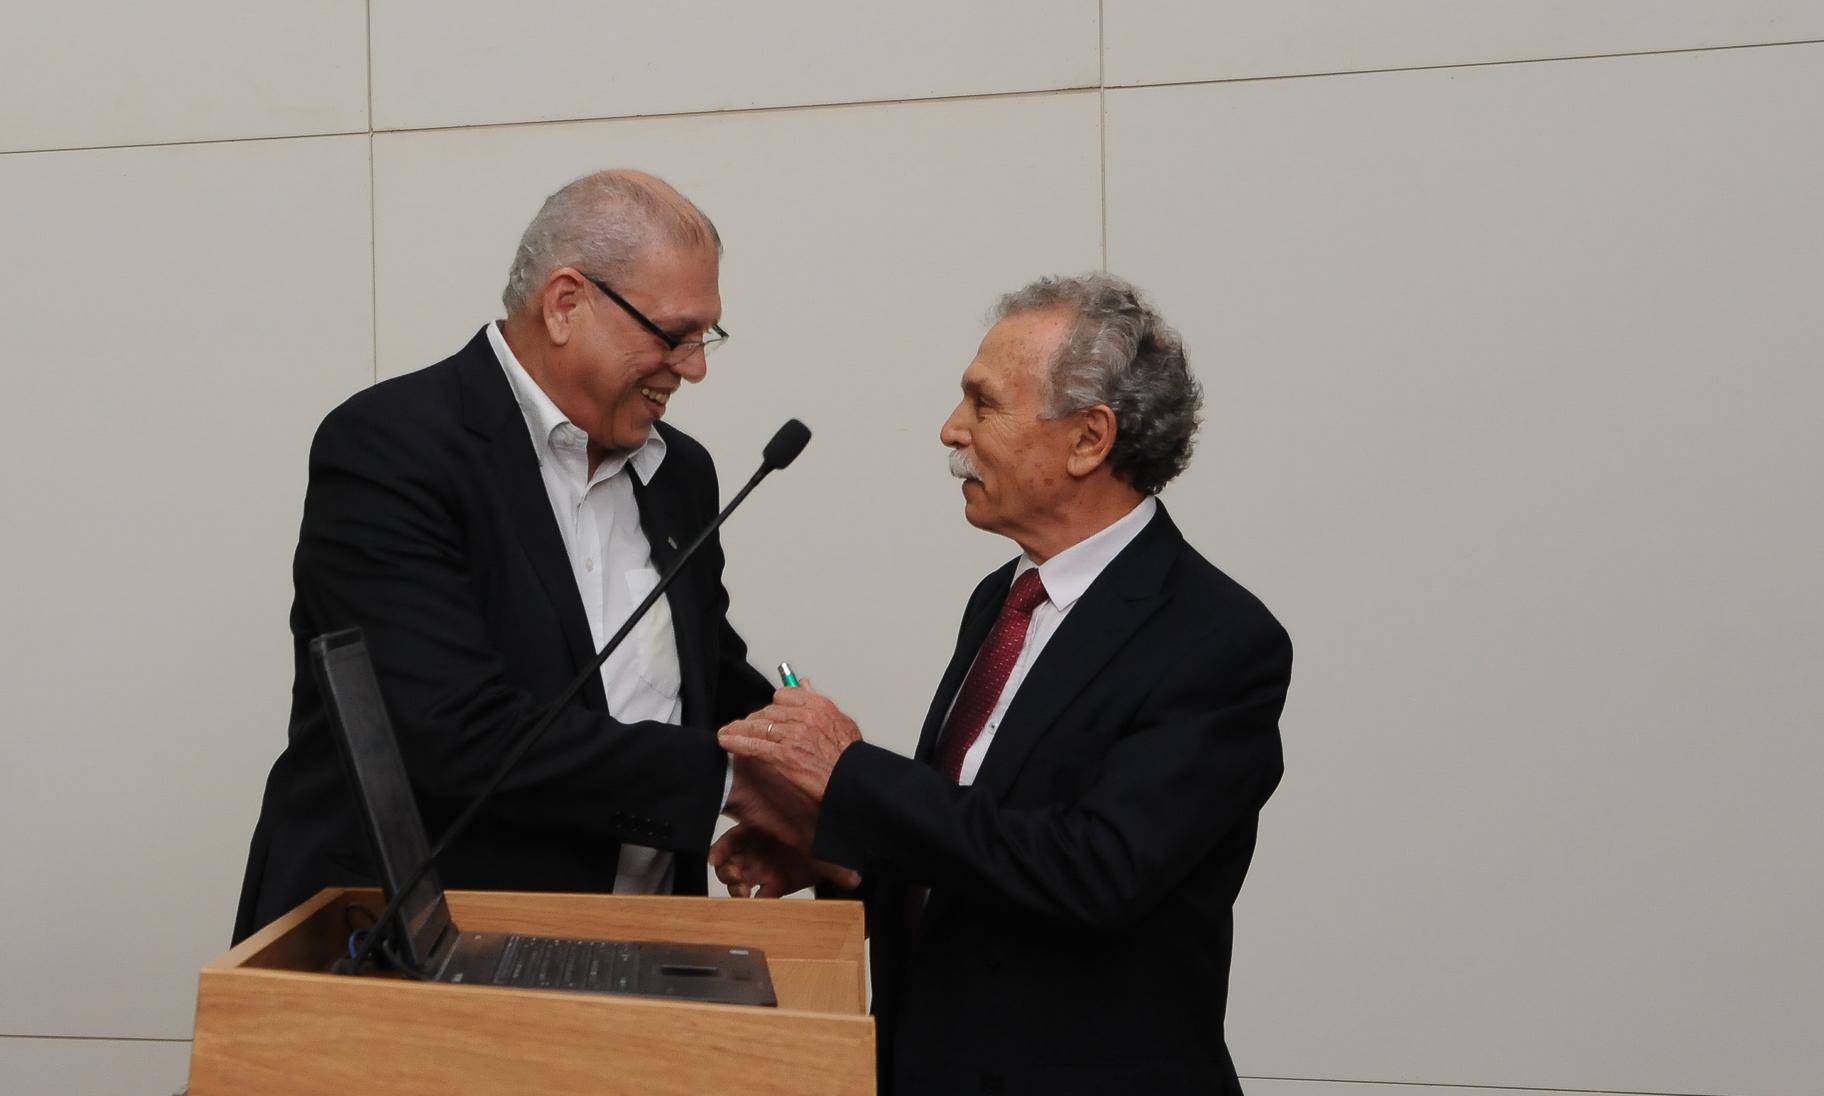 Usp Lecture - Palestra do professor Ricardo Galvão - Autonomia e Liberdade Científica. Foto: Cecília Bastos/USP Imagem